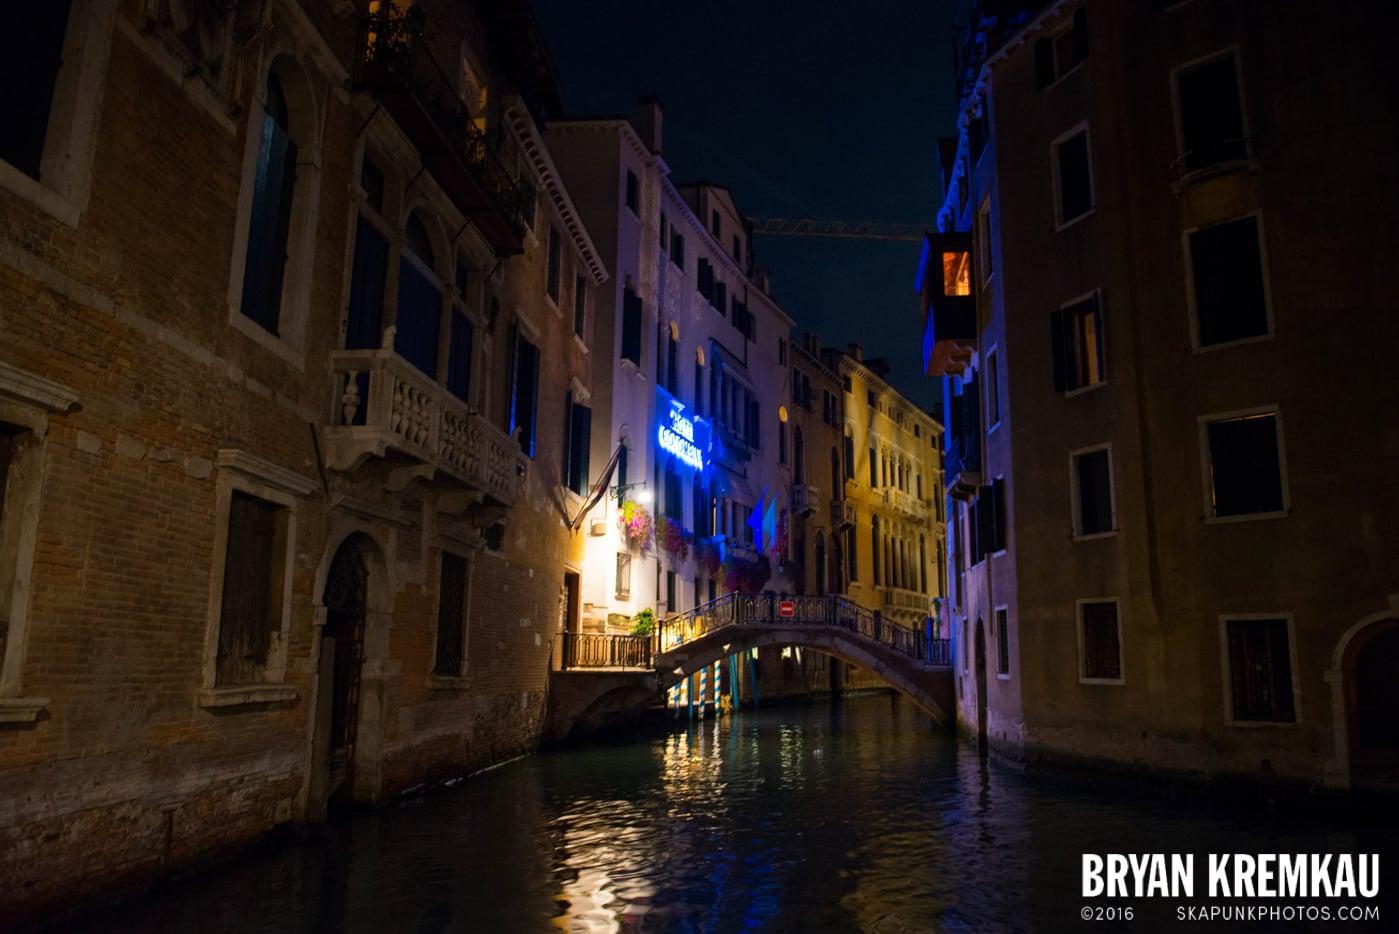 Italy Vacation - Day 6: Murano, Burano, Venice - 9.14.13 (9)